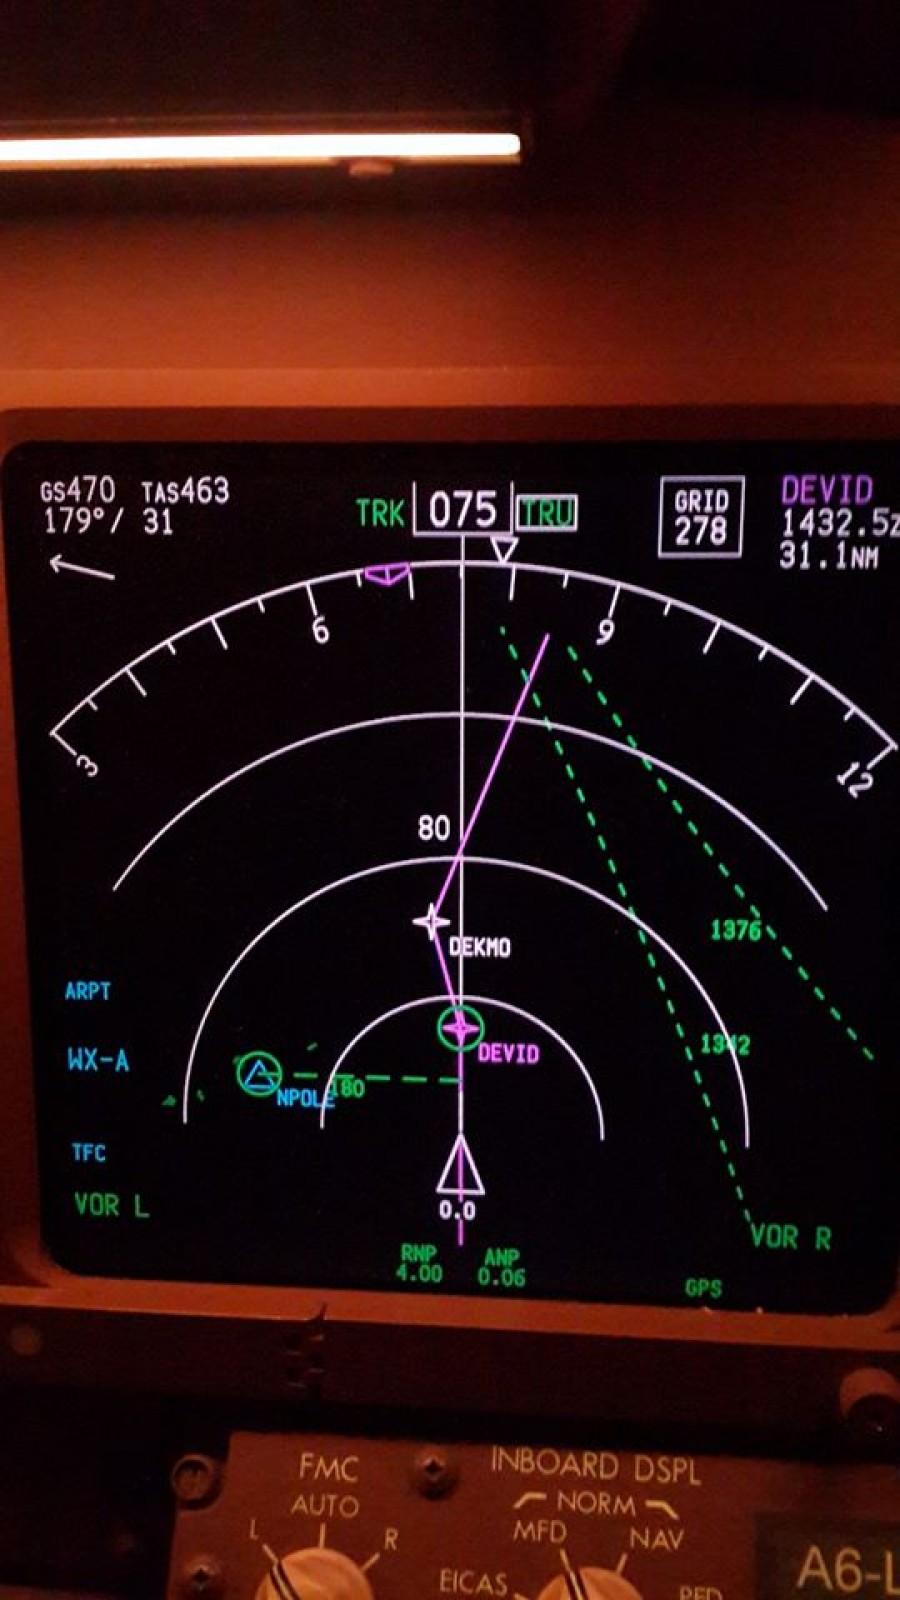 Pohled na mapu poblíž severního pólu (bod NPOLE). Povšimněte si rozdílu mezi True Track a Grid Course.